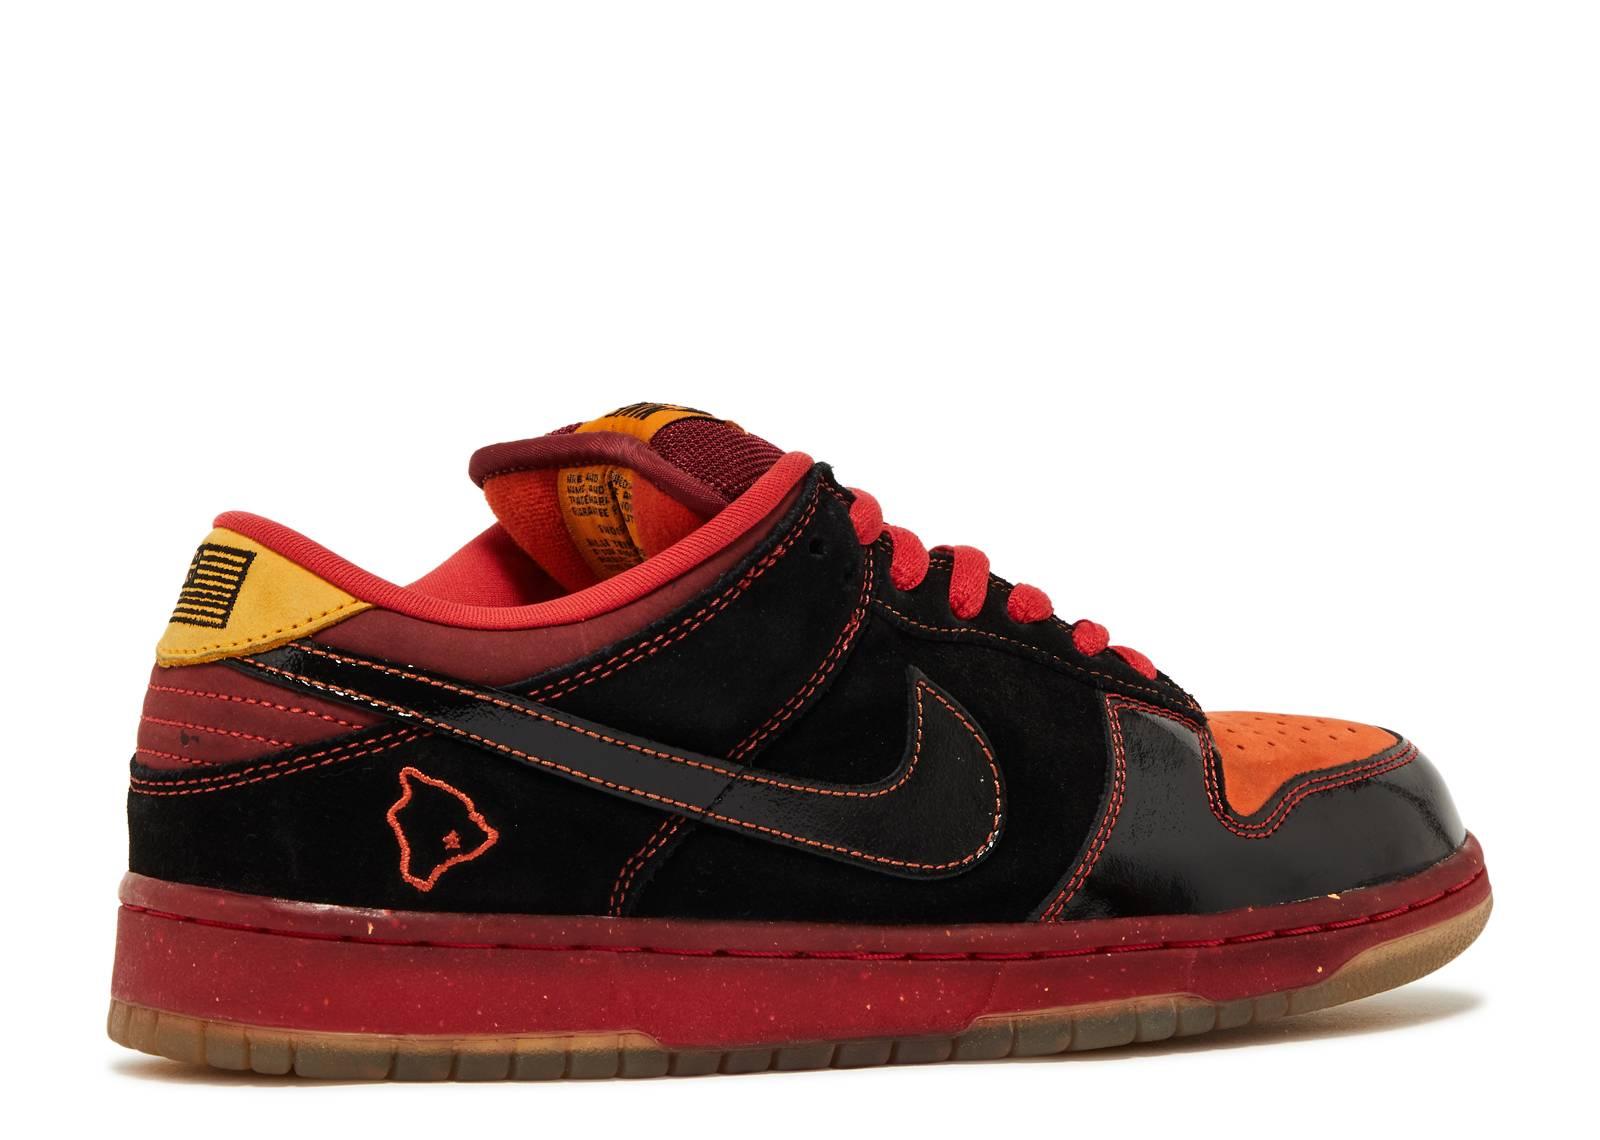 donde puedo ordenar Nike Sb Dunk Low Sz 12 tienda en línea toma de descuento entrega rápida salida TG7Keh